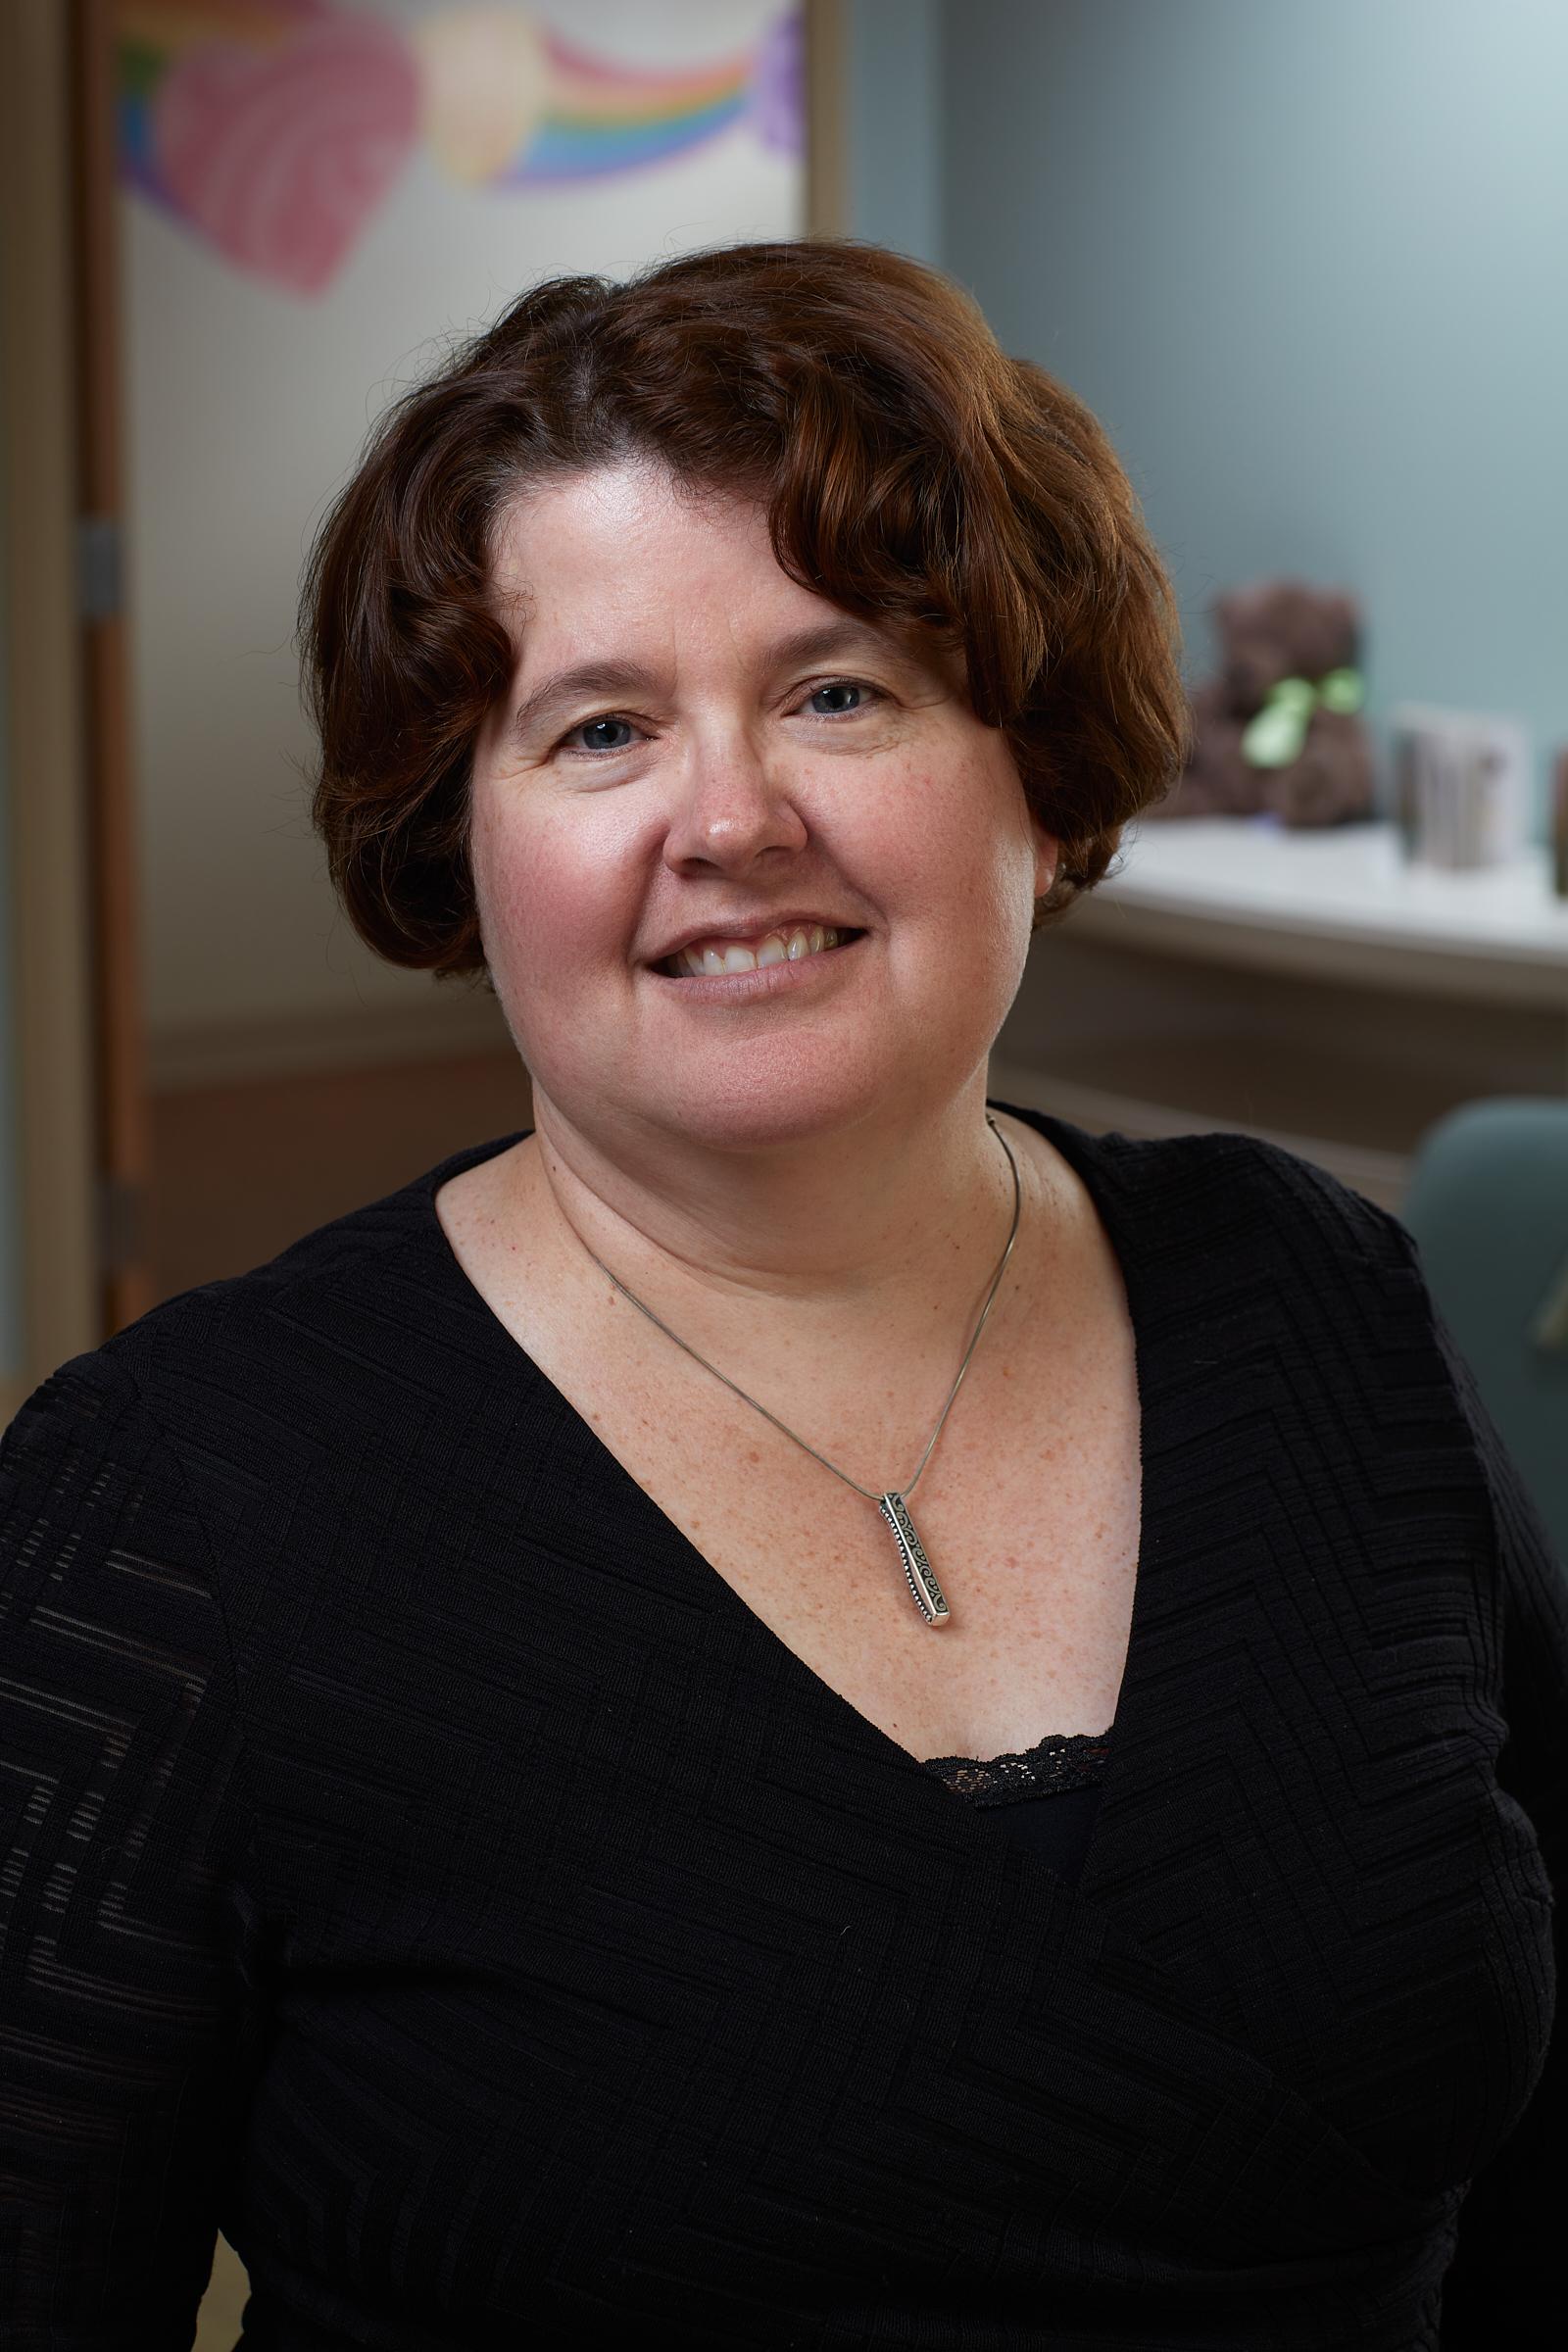 Dr. Lisa Jasin, DNP, NNP-BC